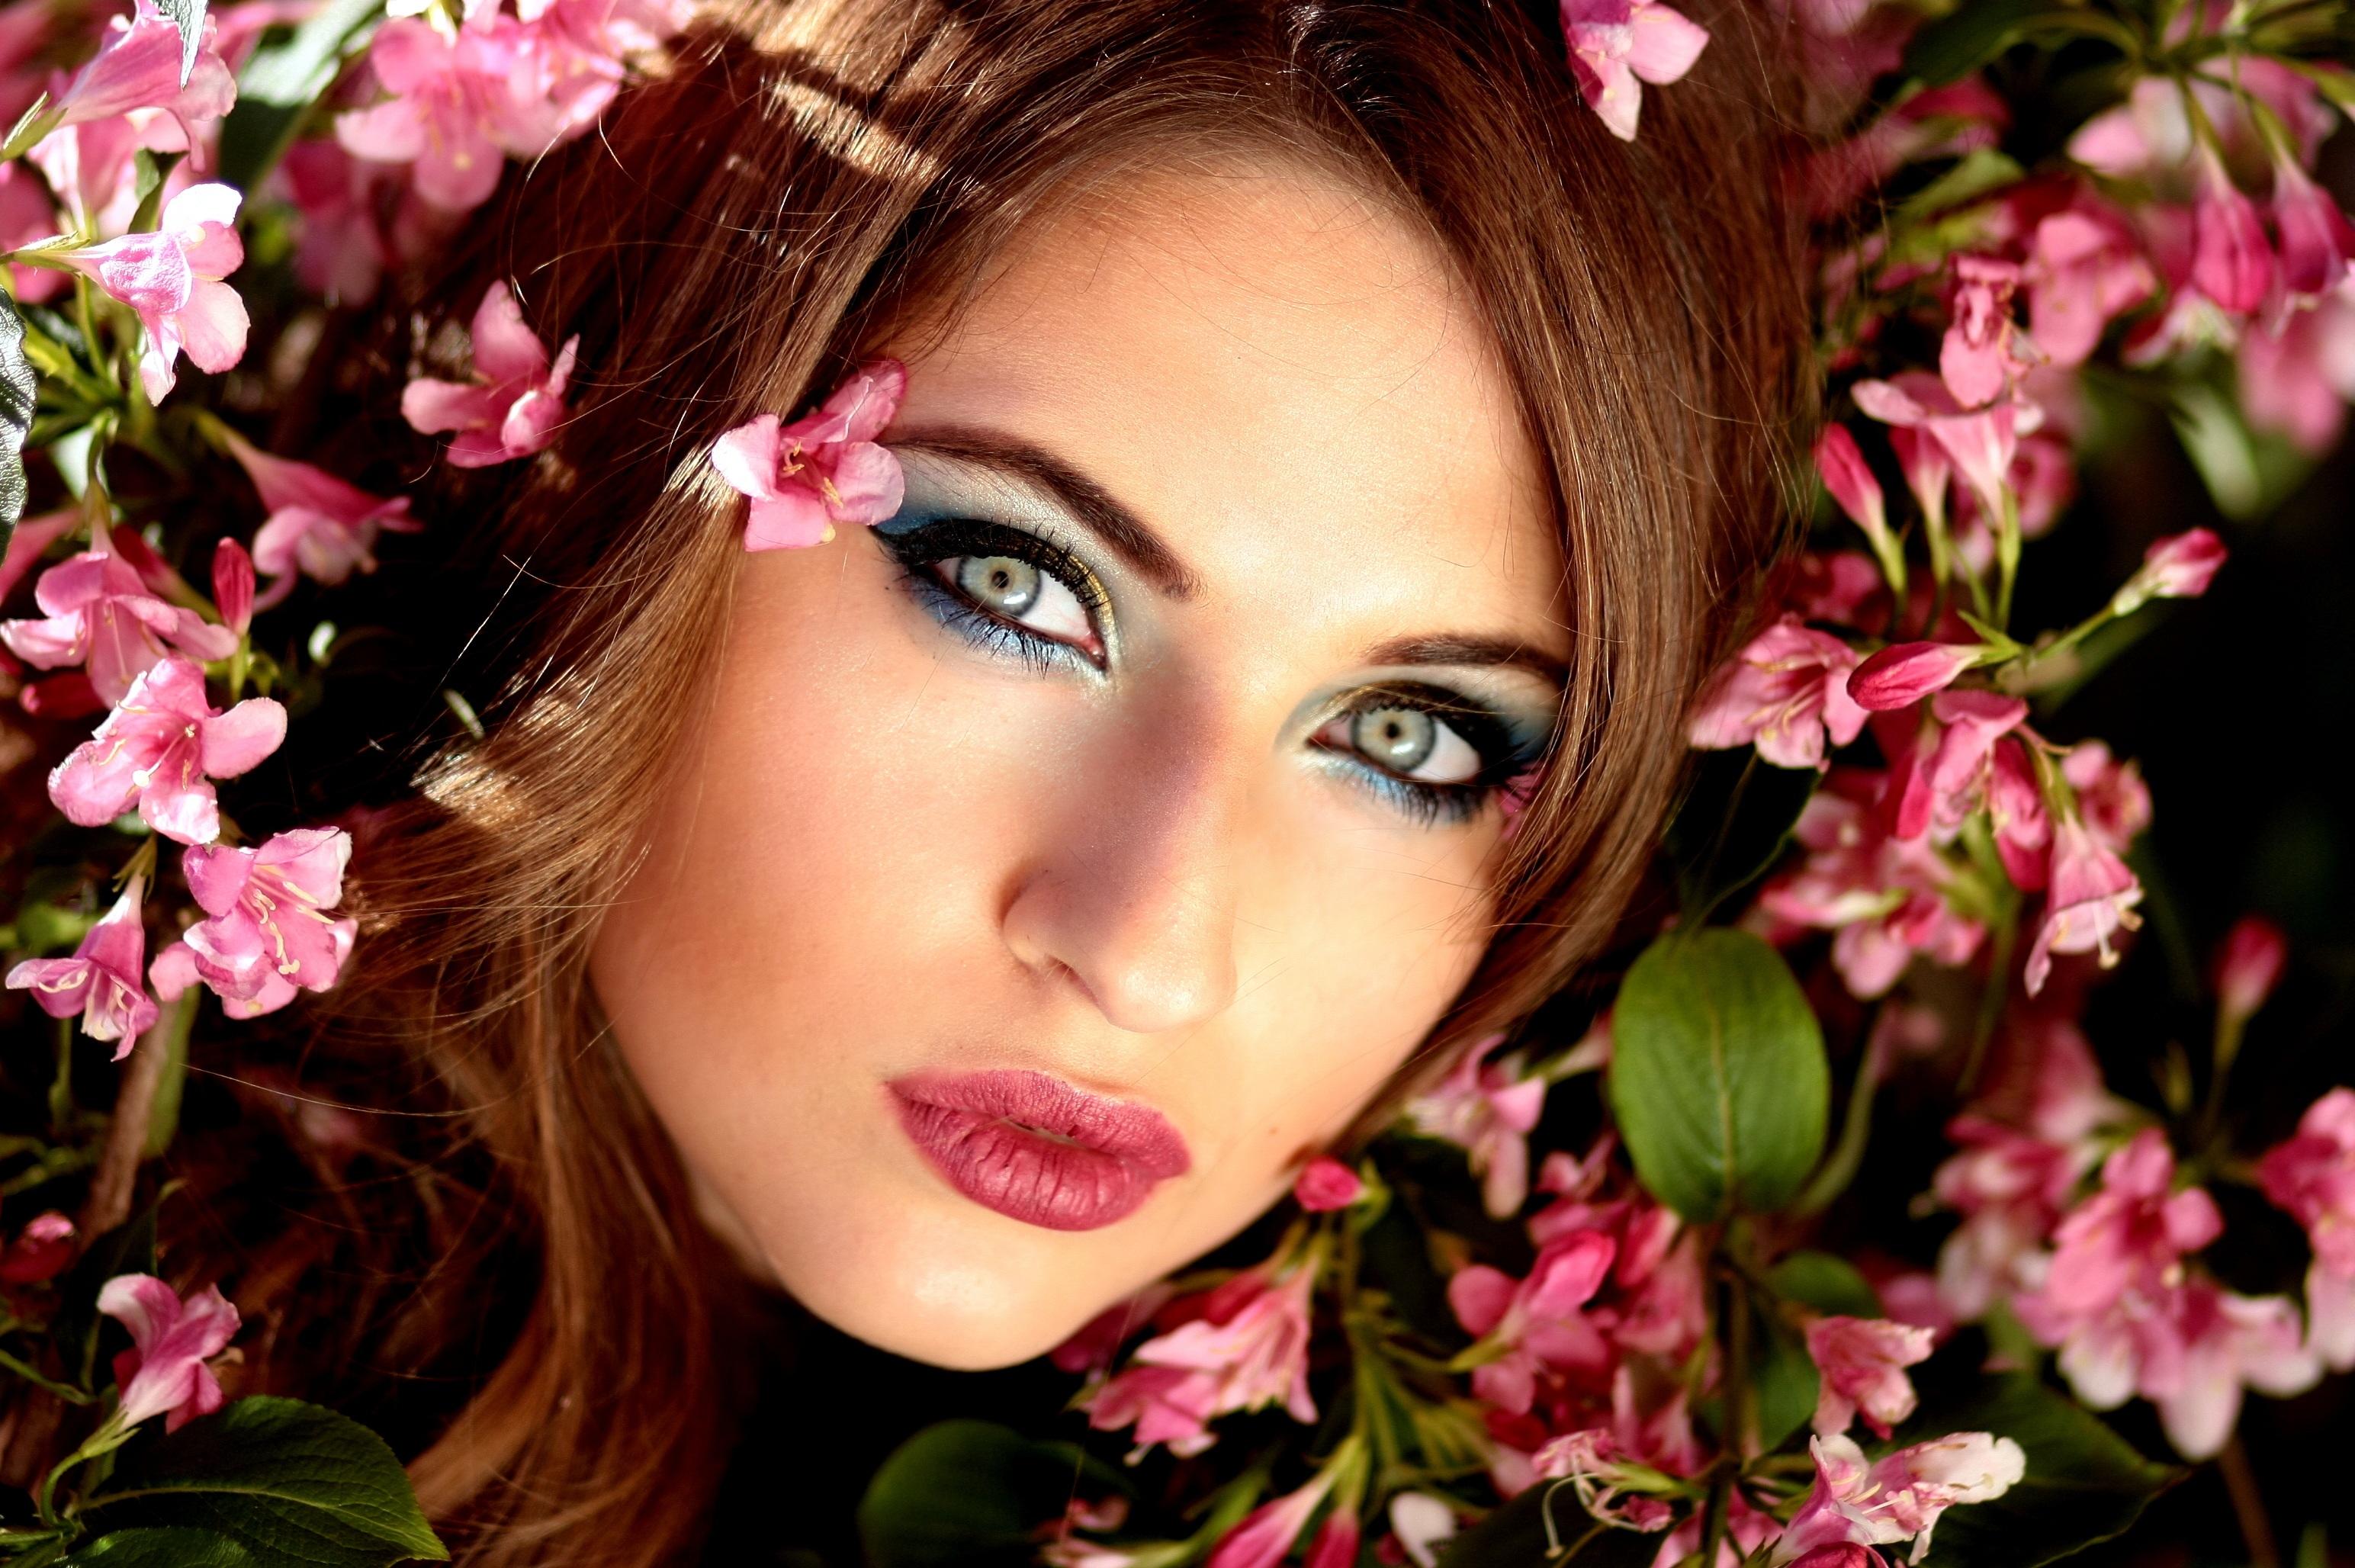 Woman Wearing Red Lipstick · Free Stock Photo